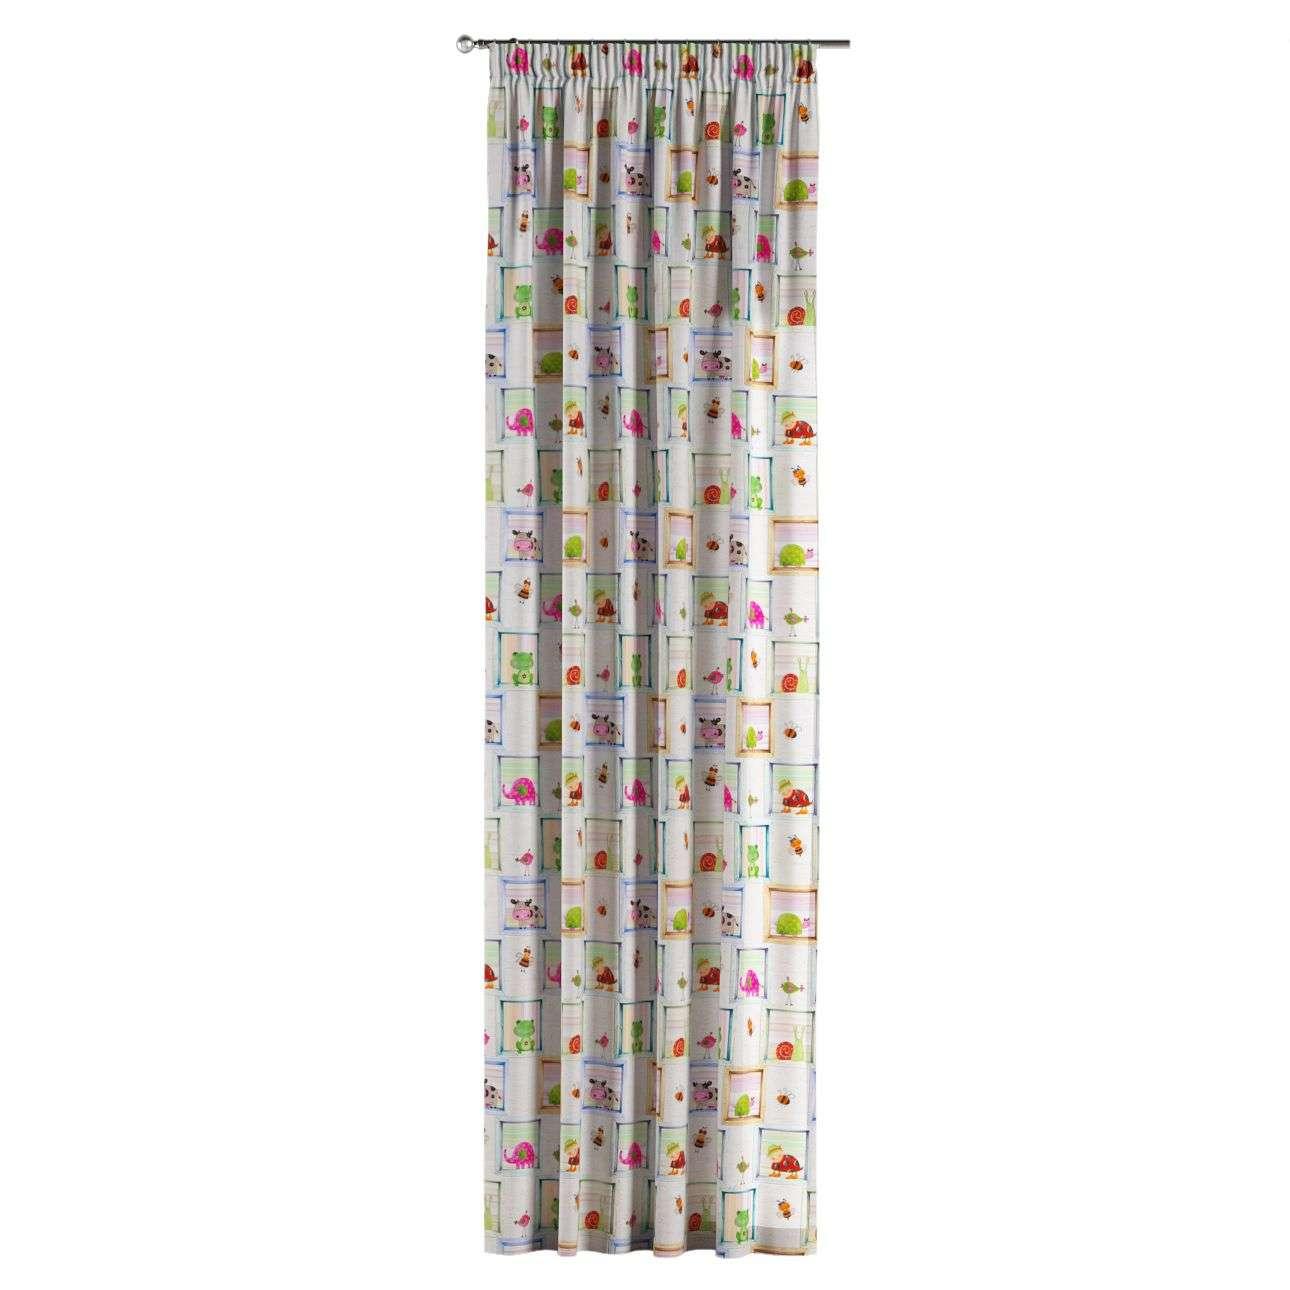 Vorhang mit Kräuselband 130 x 260 cm von der Kollektion Apanona, Stoff: 151-04